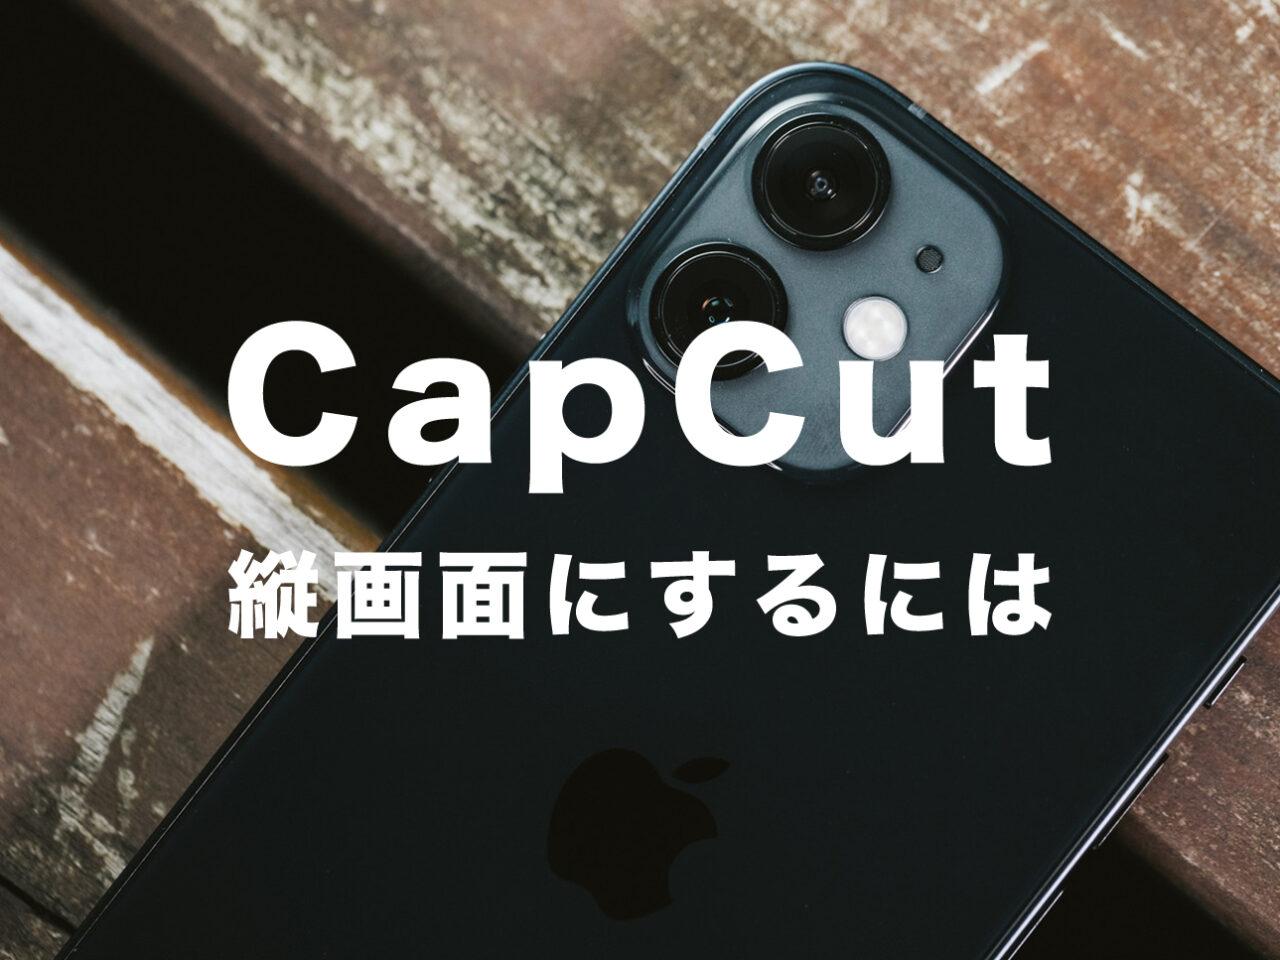 CapCut(キャップカット)で縦画面にする方法&やり方を解説!【縦動画】のサムネイル画像